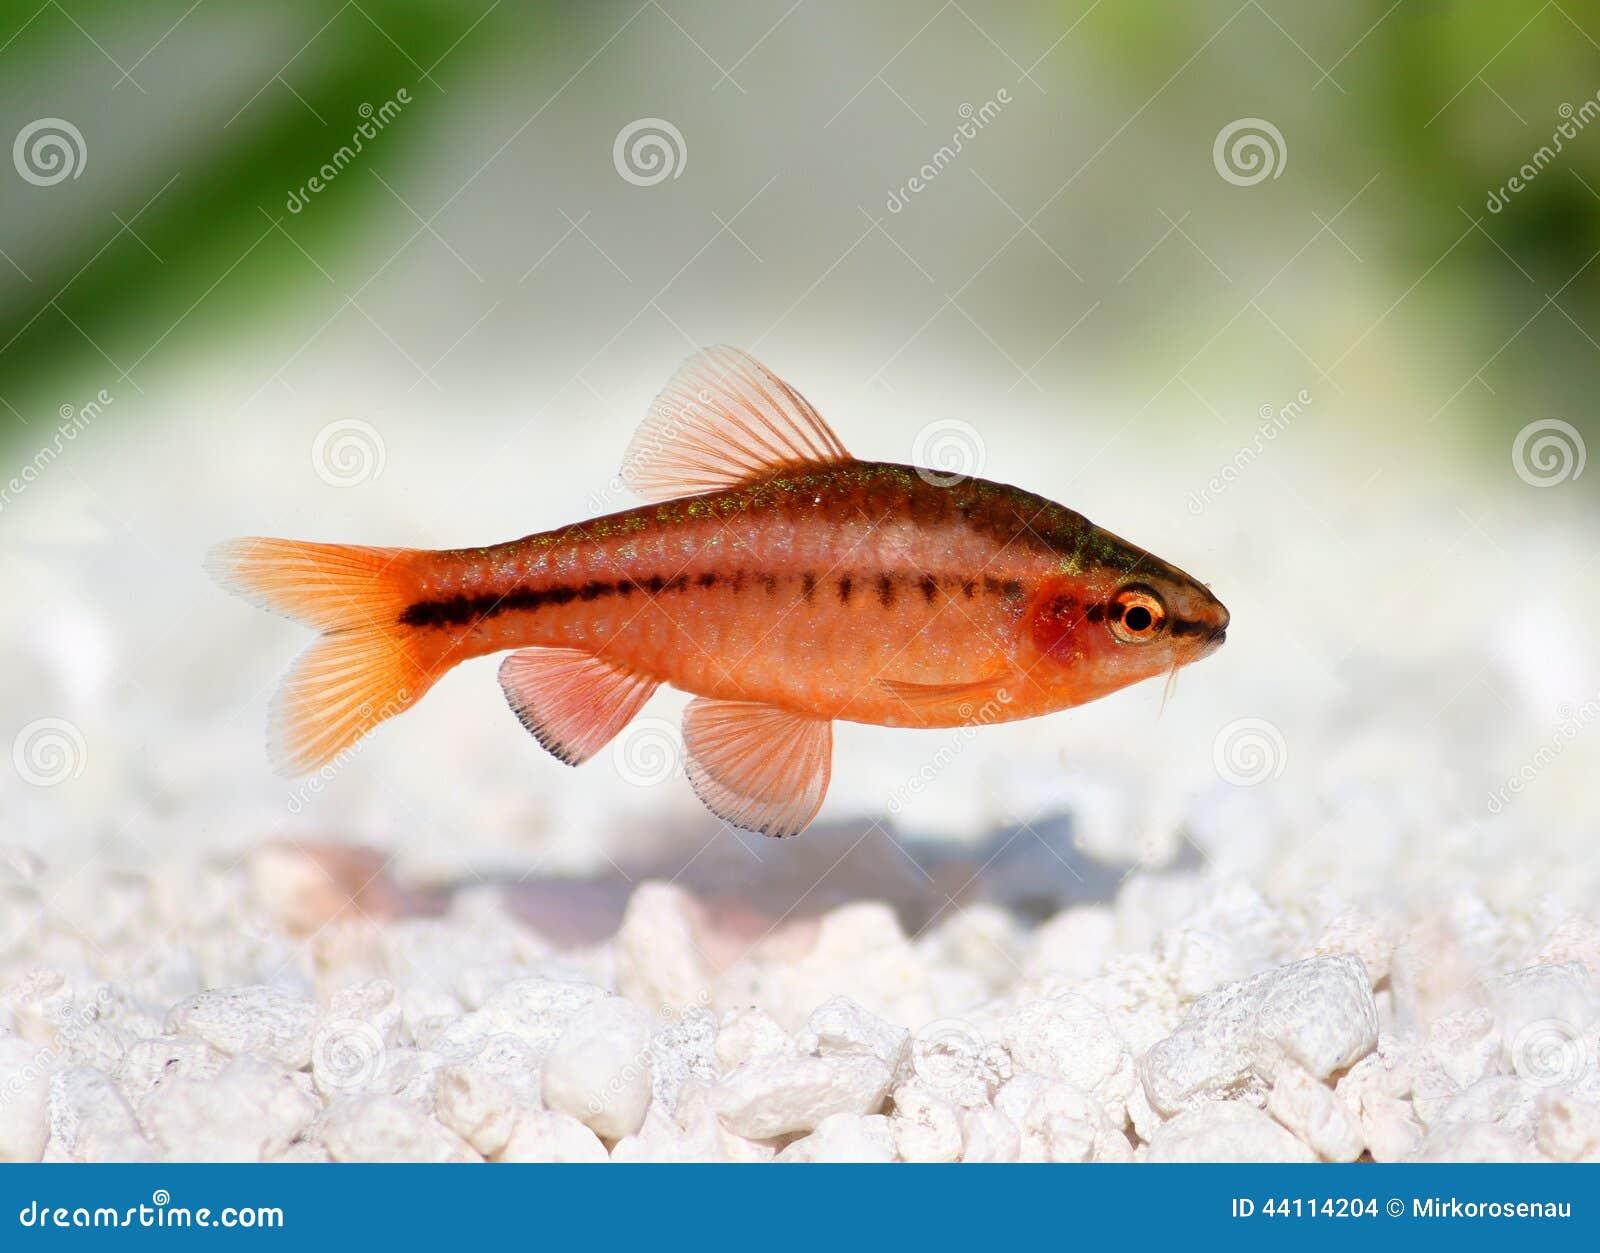 Sbavatura della ciliegia pesce d 39 acqua dolce dell for Pesce pulitore acqua dolce fredda